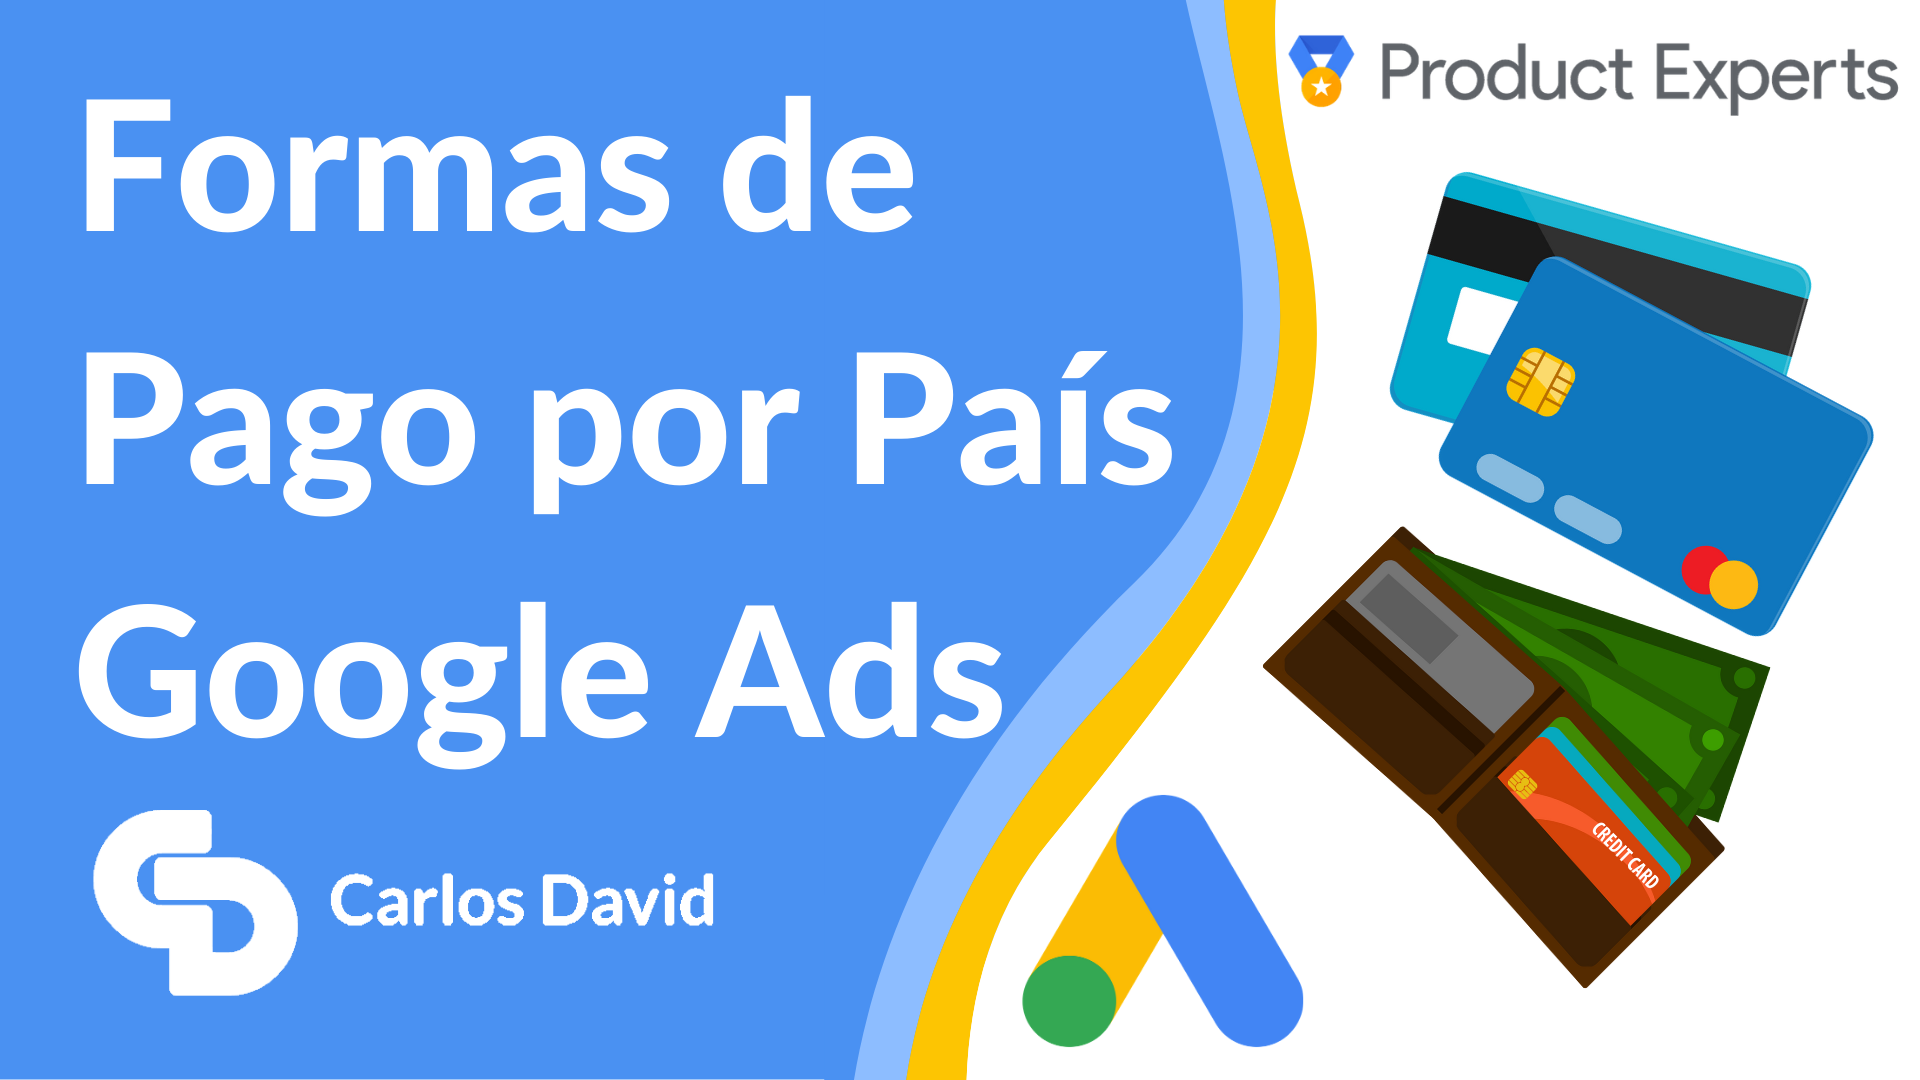 Formas de Pago Google Ads